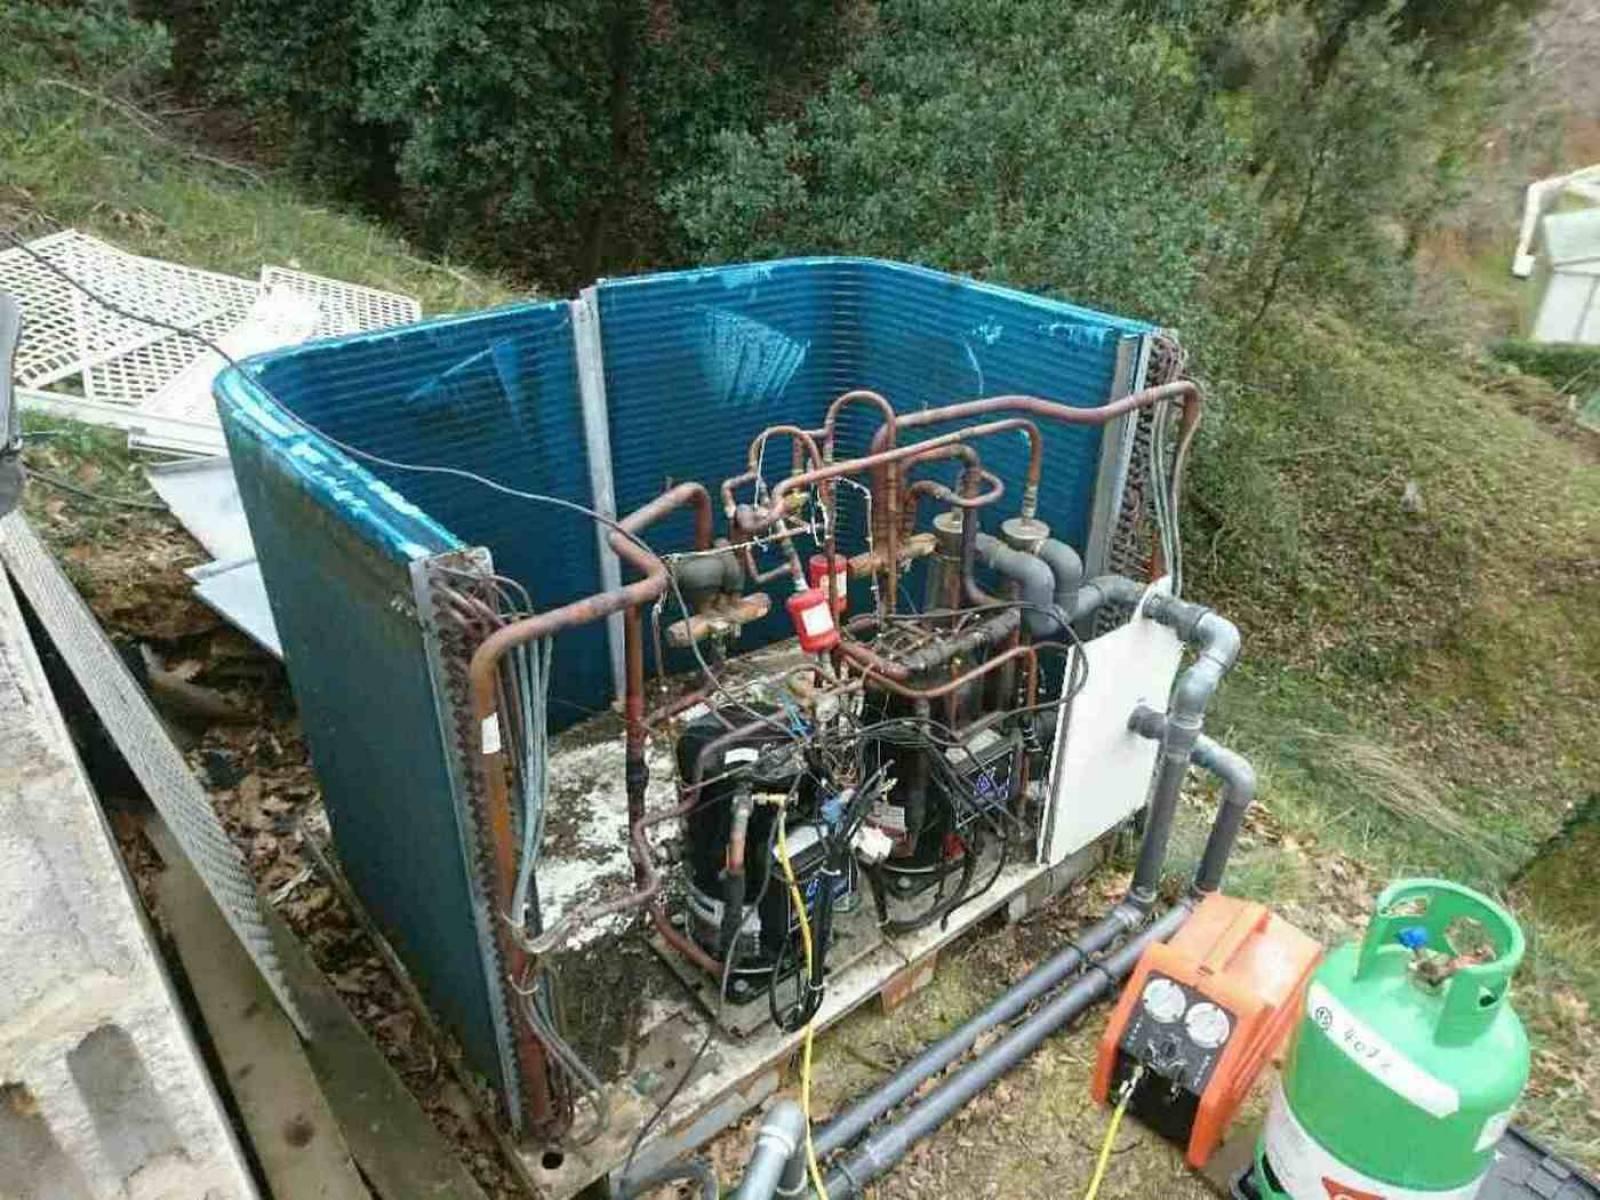 Remplacement d 39 une pompe chaleur piscine dans un camping for Air dans la pompe piscine